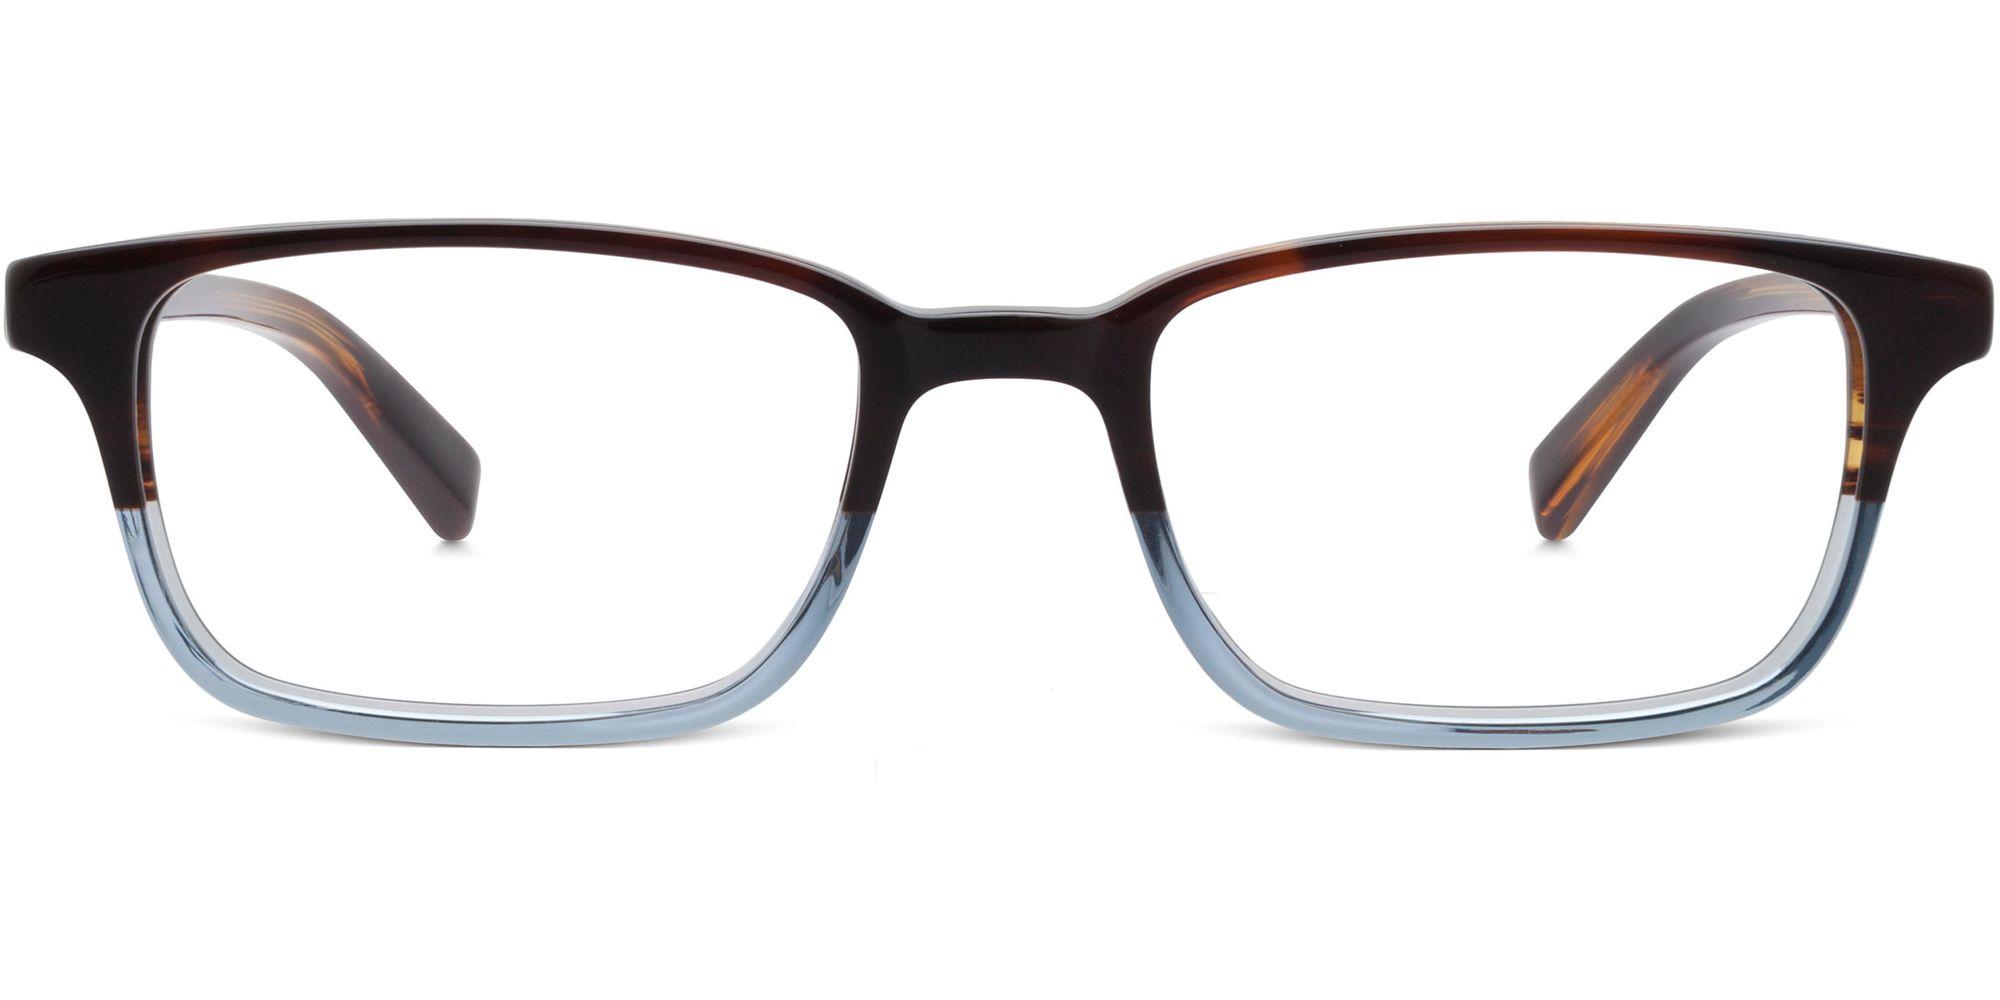 Warby Parker Wilkie Eyeglasses in Eastern Bluebird Fade for Women